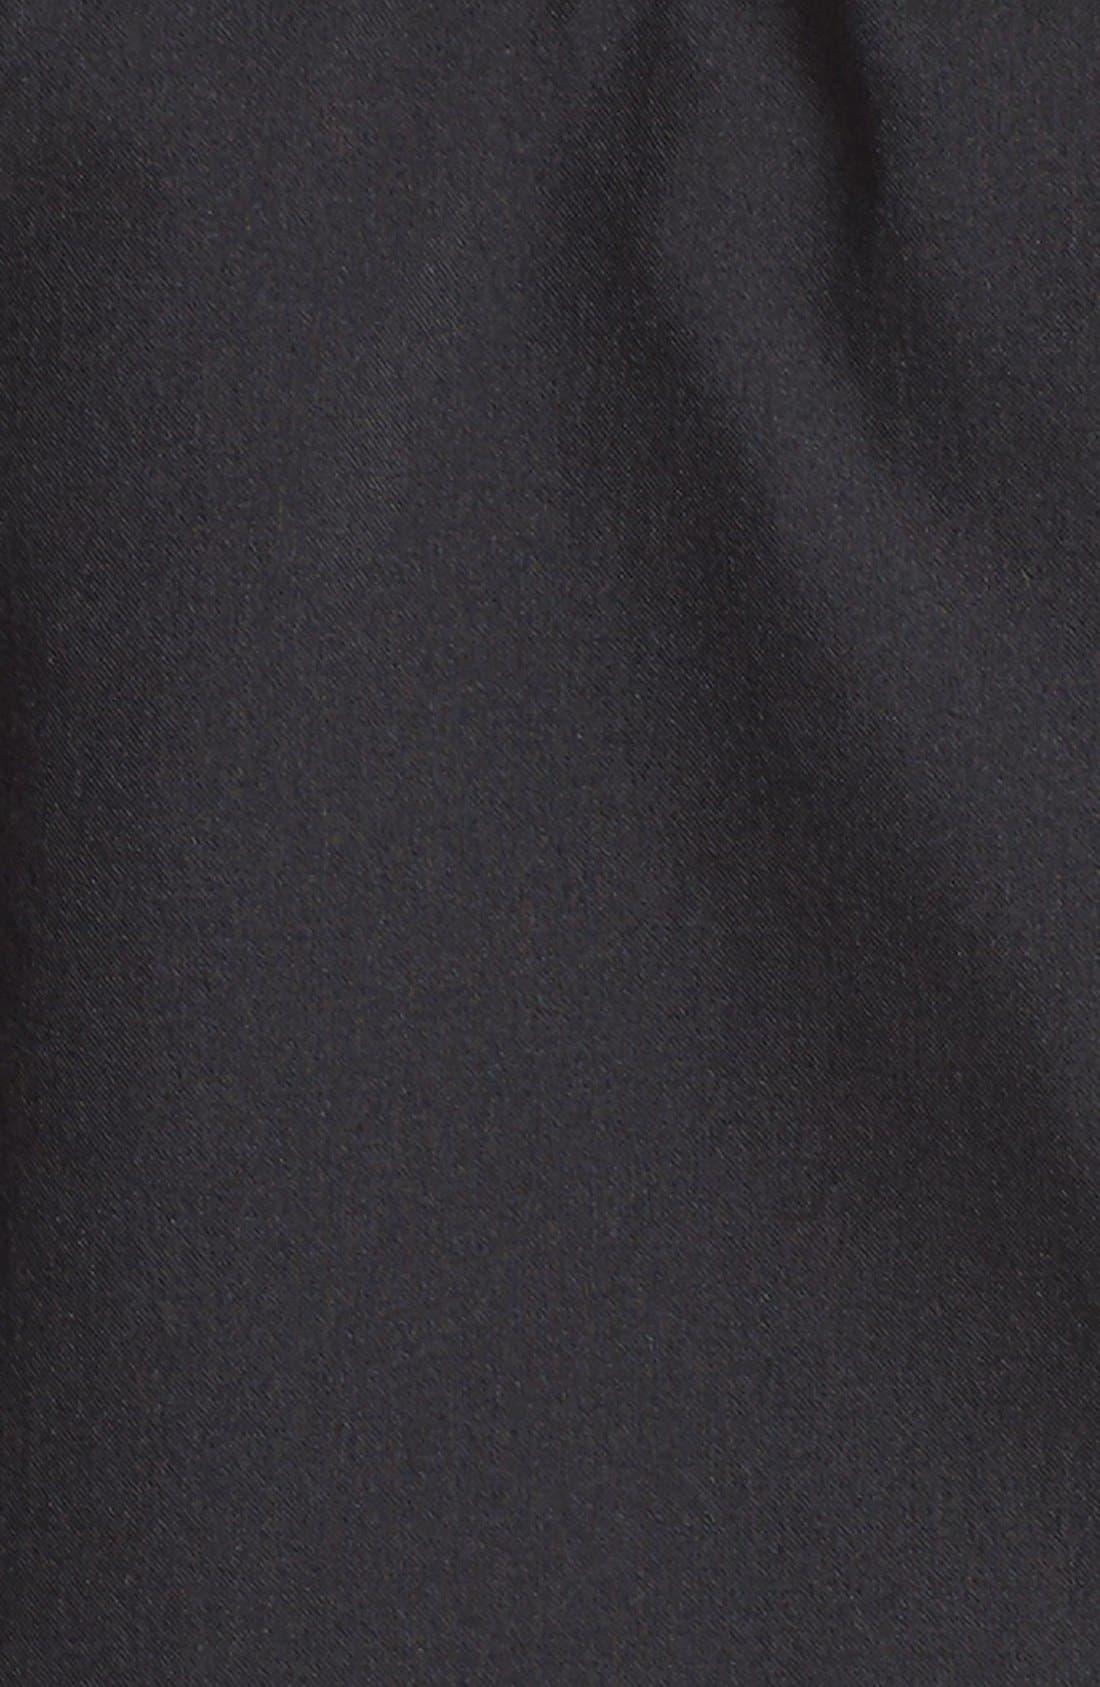 'Chaser 3' Running Shorts,                             Alternate thumbnail 6, color,                             Black